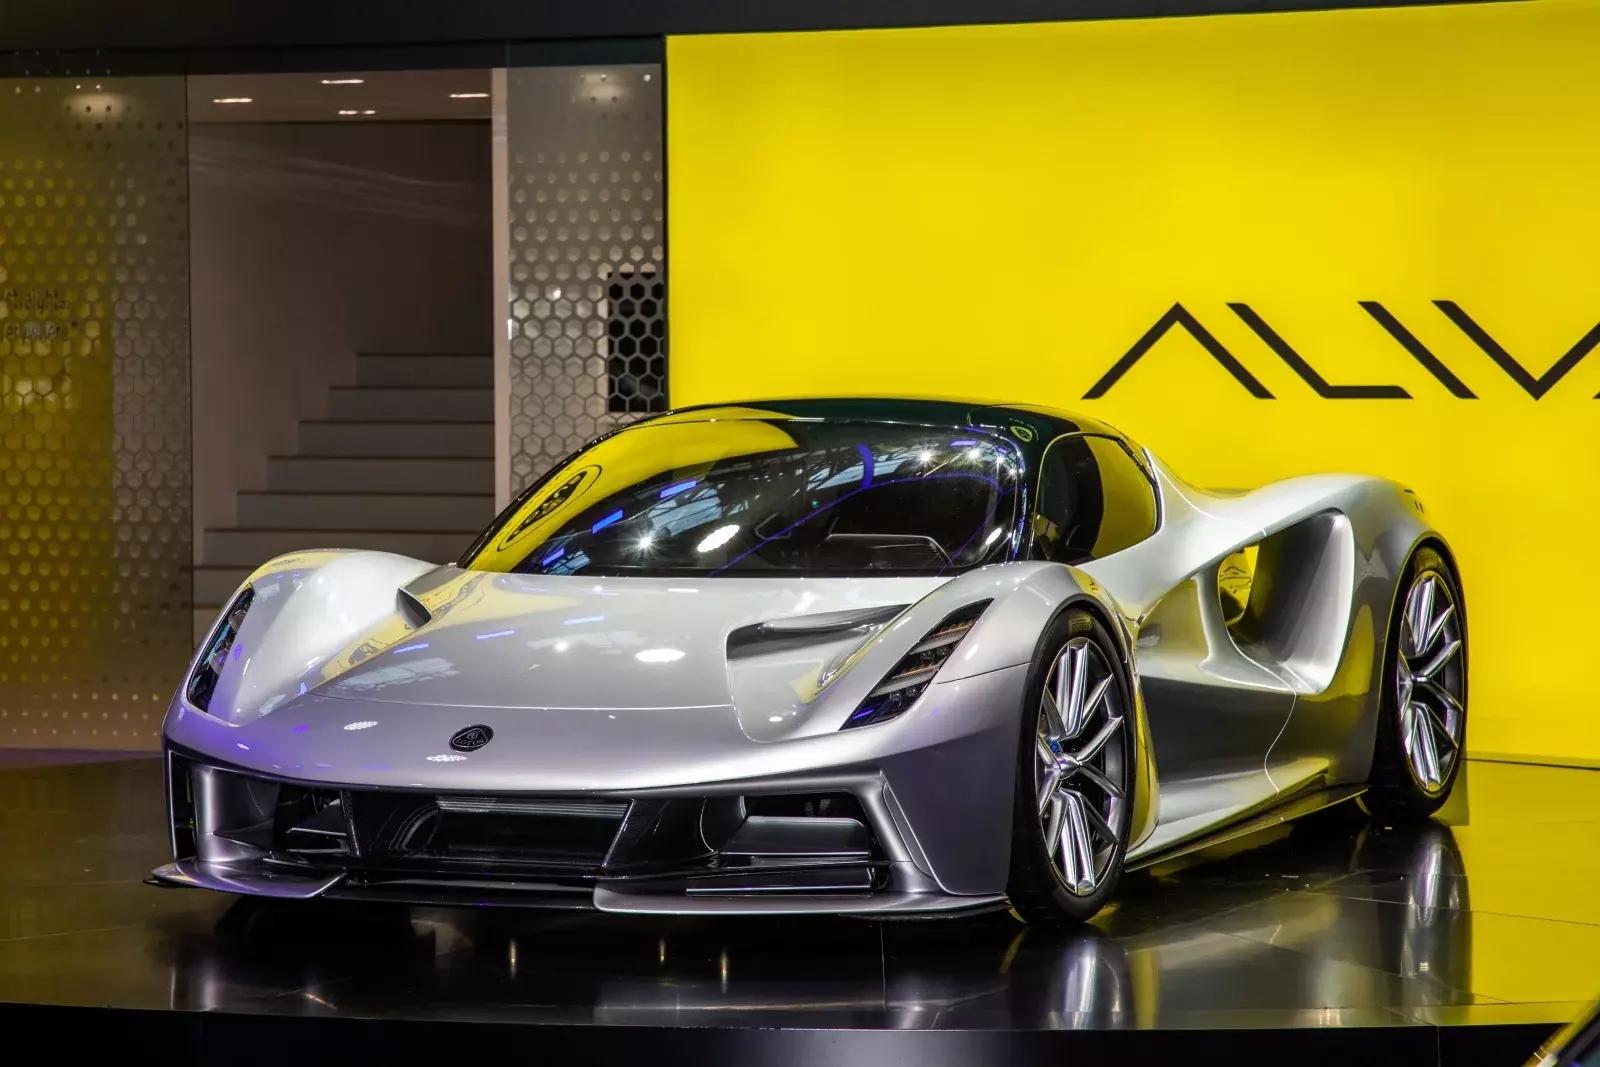 莲花Evija的速度甚至已经远超法拉利和布加迪的一些车型